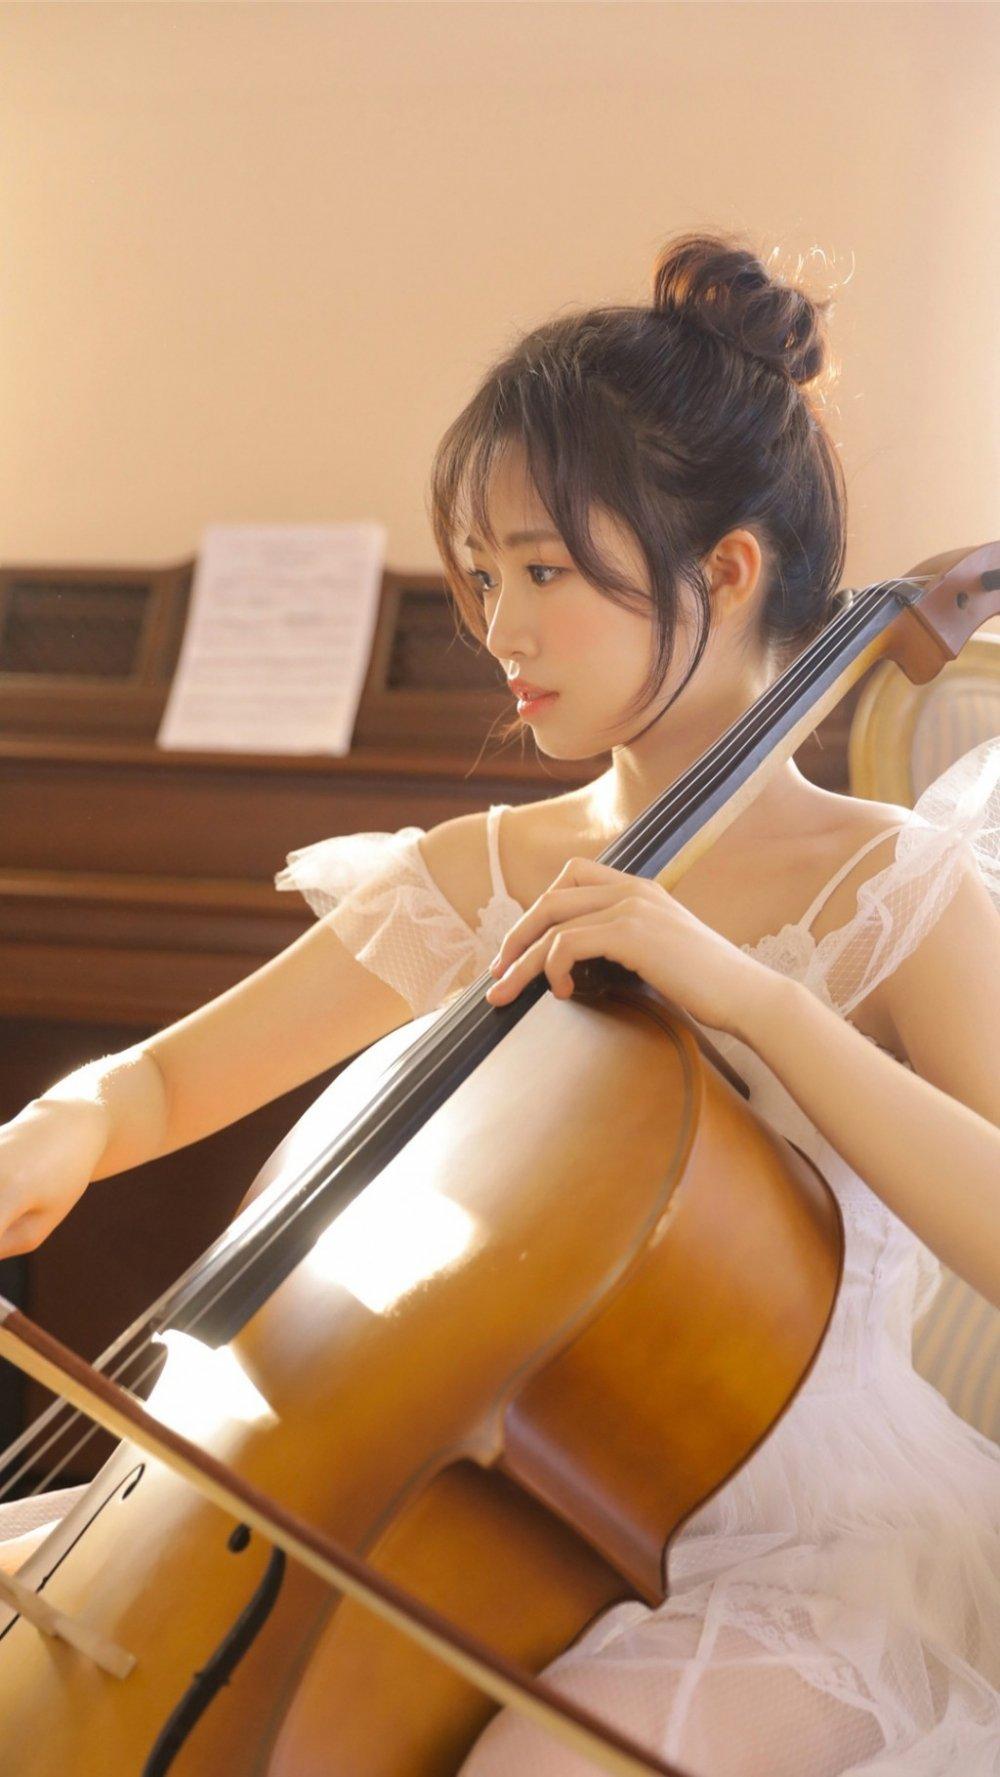 文艺美女大提琴写真图片